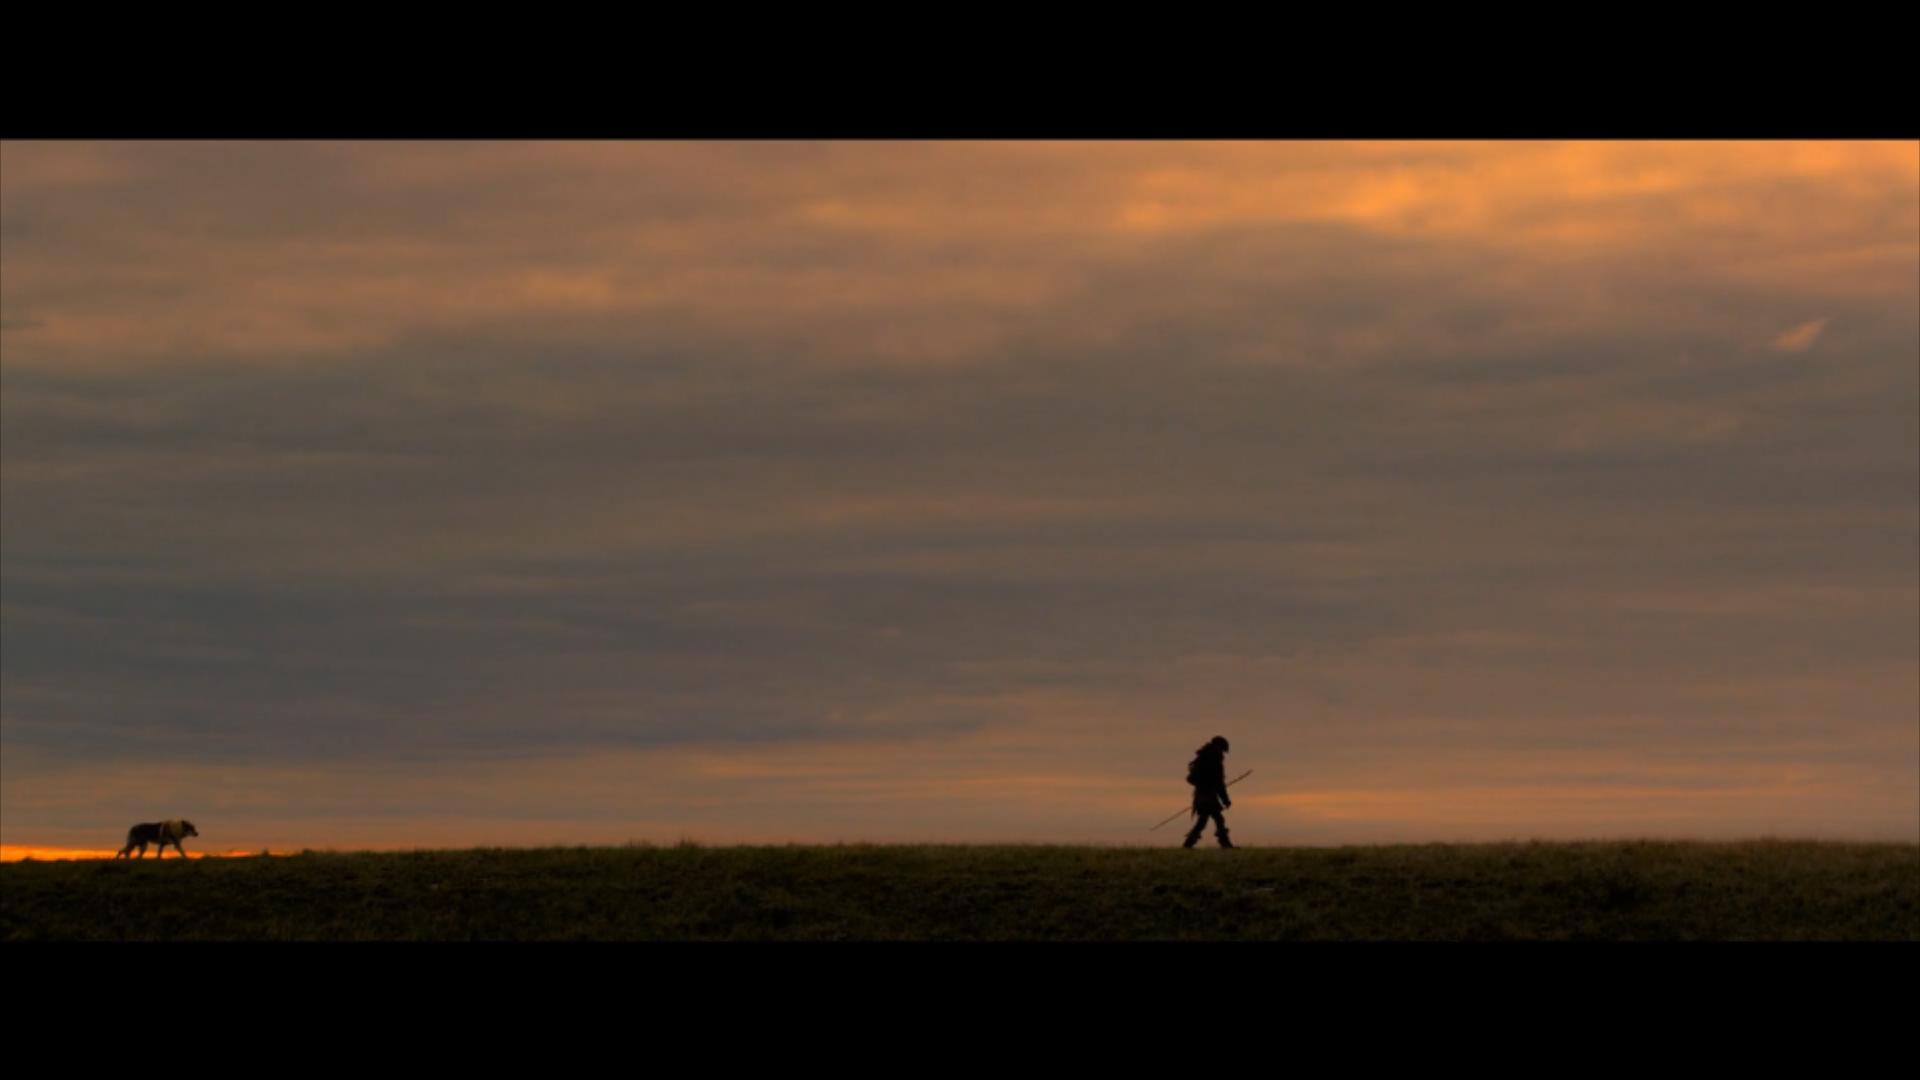 2018《阿尔法:狼伴归途》2700字,7分钟剧情解说稿-第8张图片